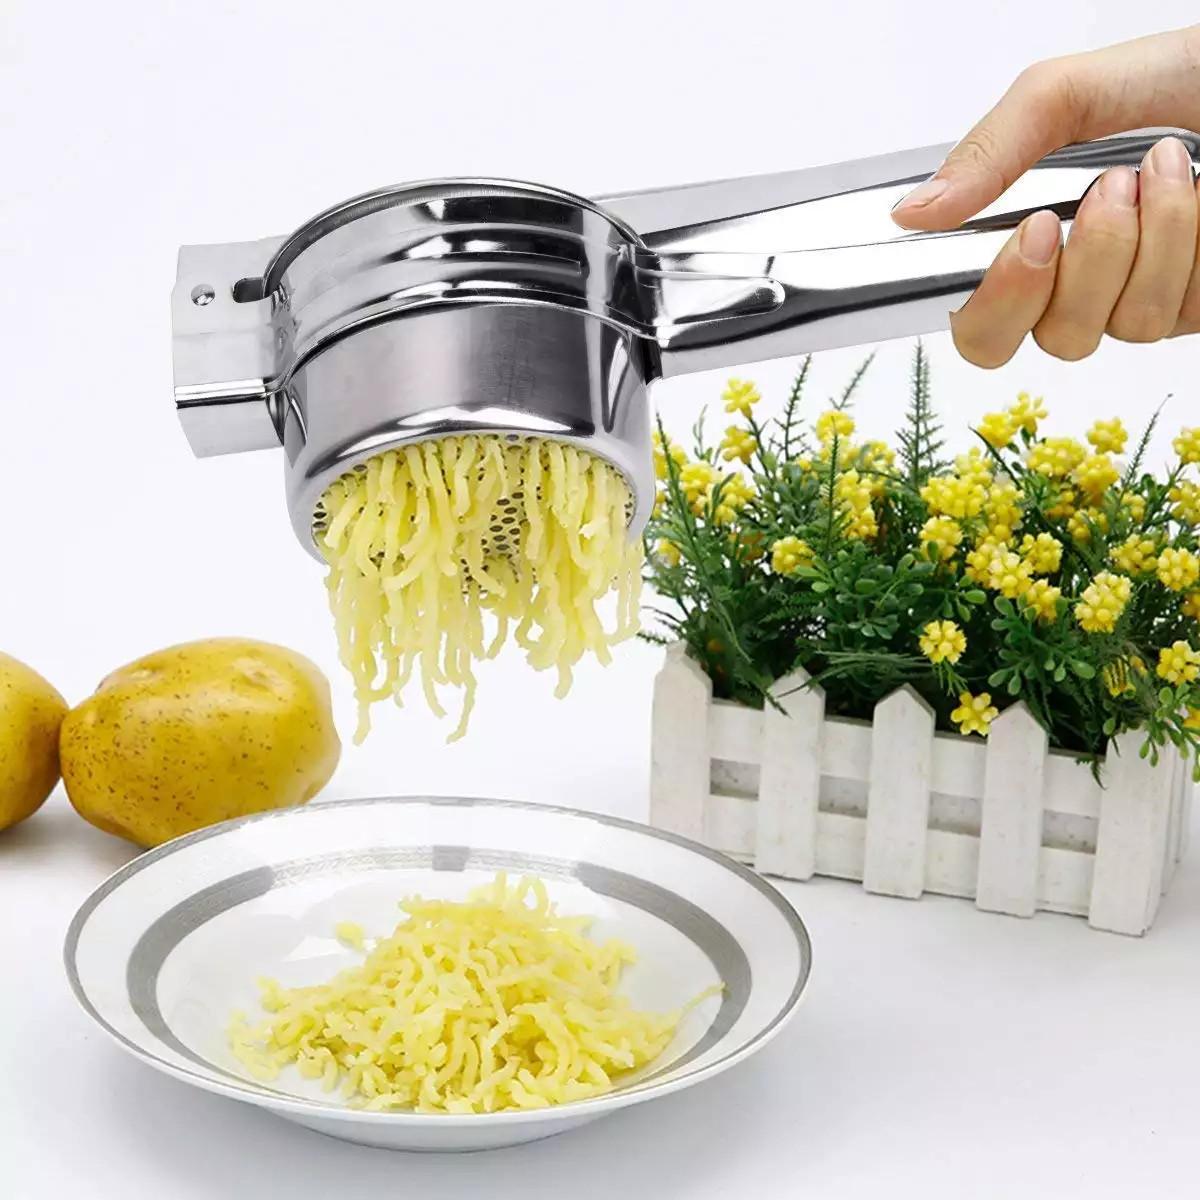 Картофельный пресс для приготовления пюре